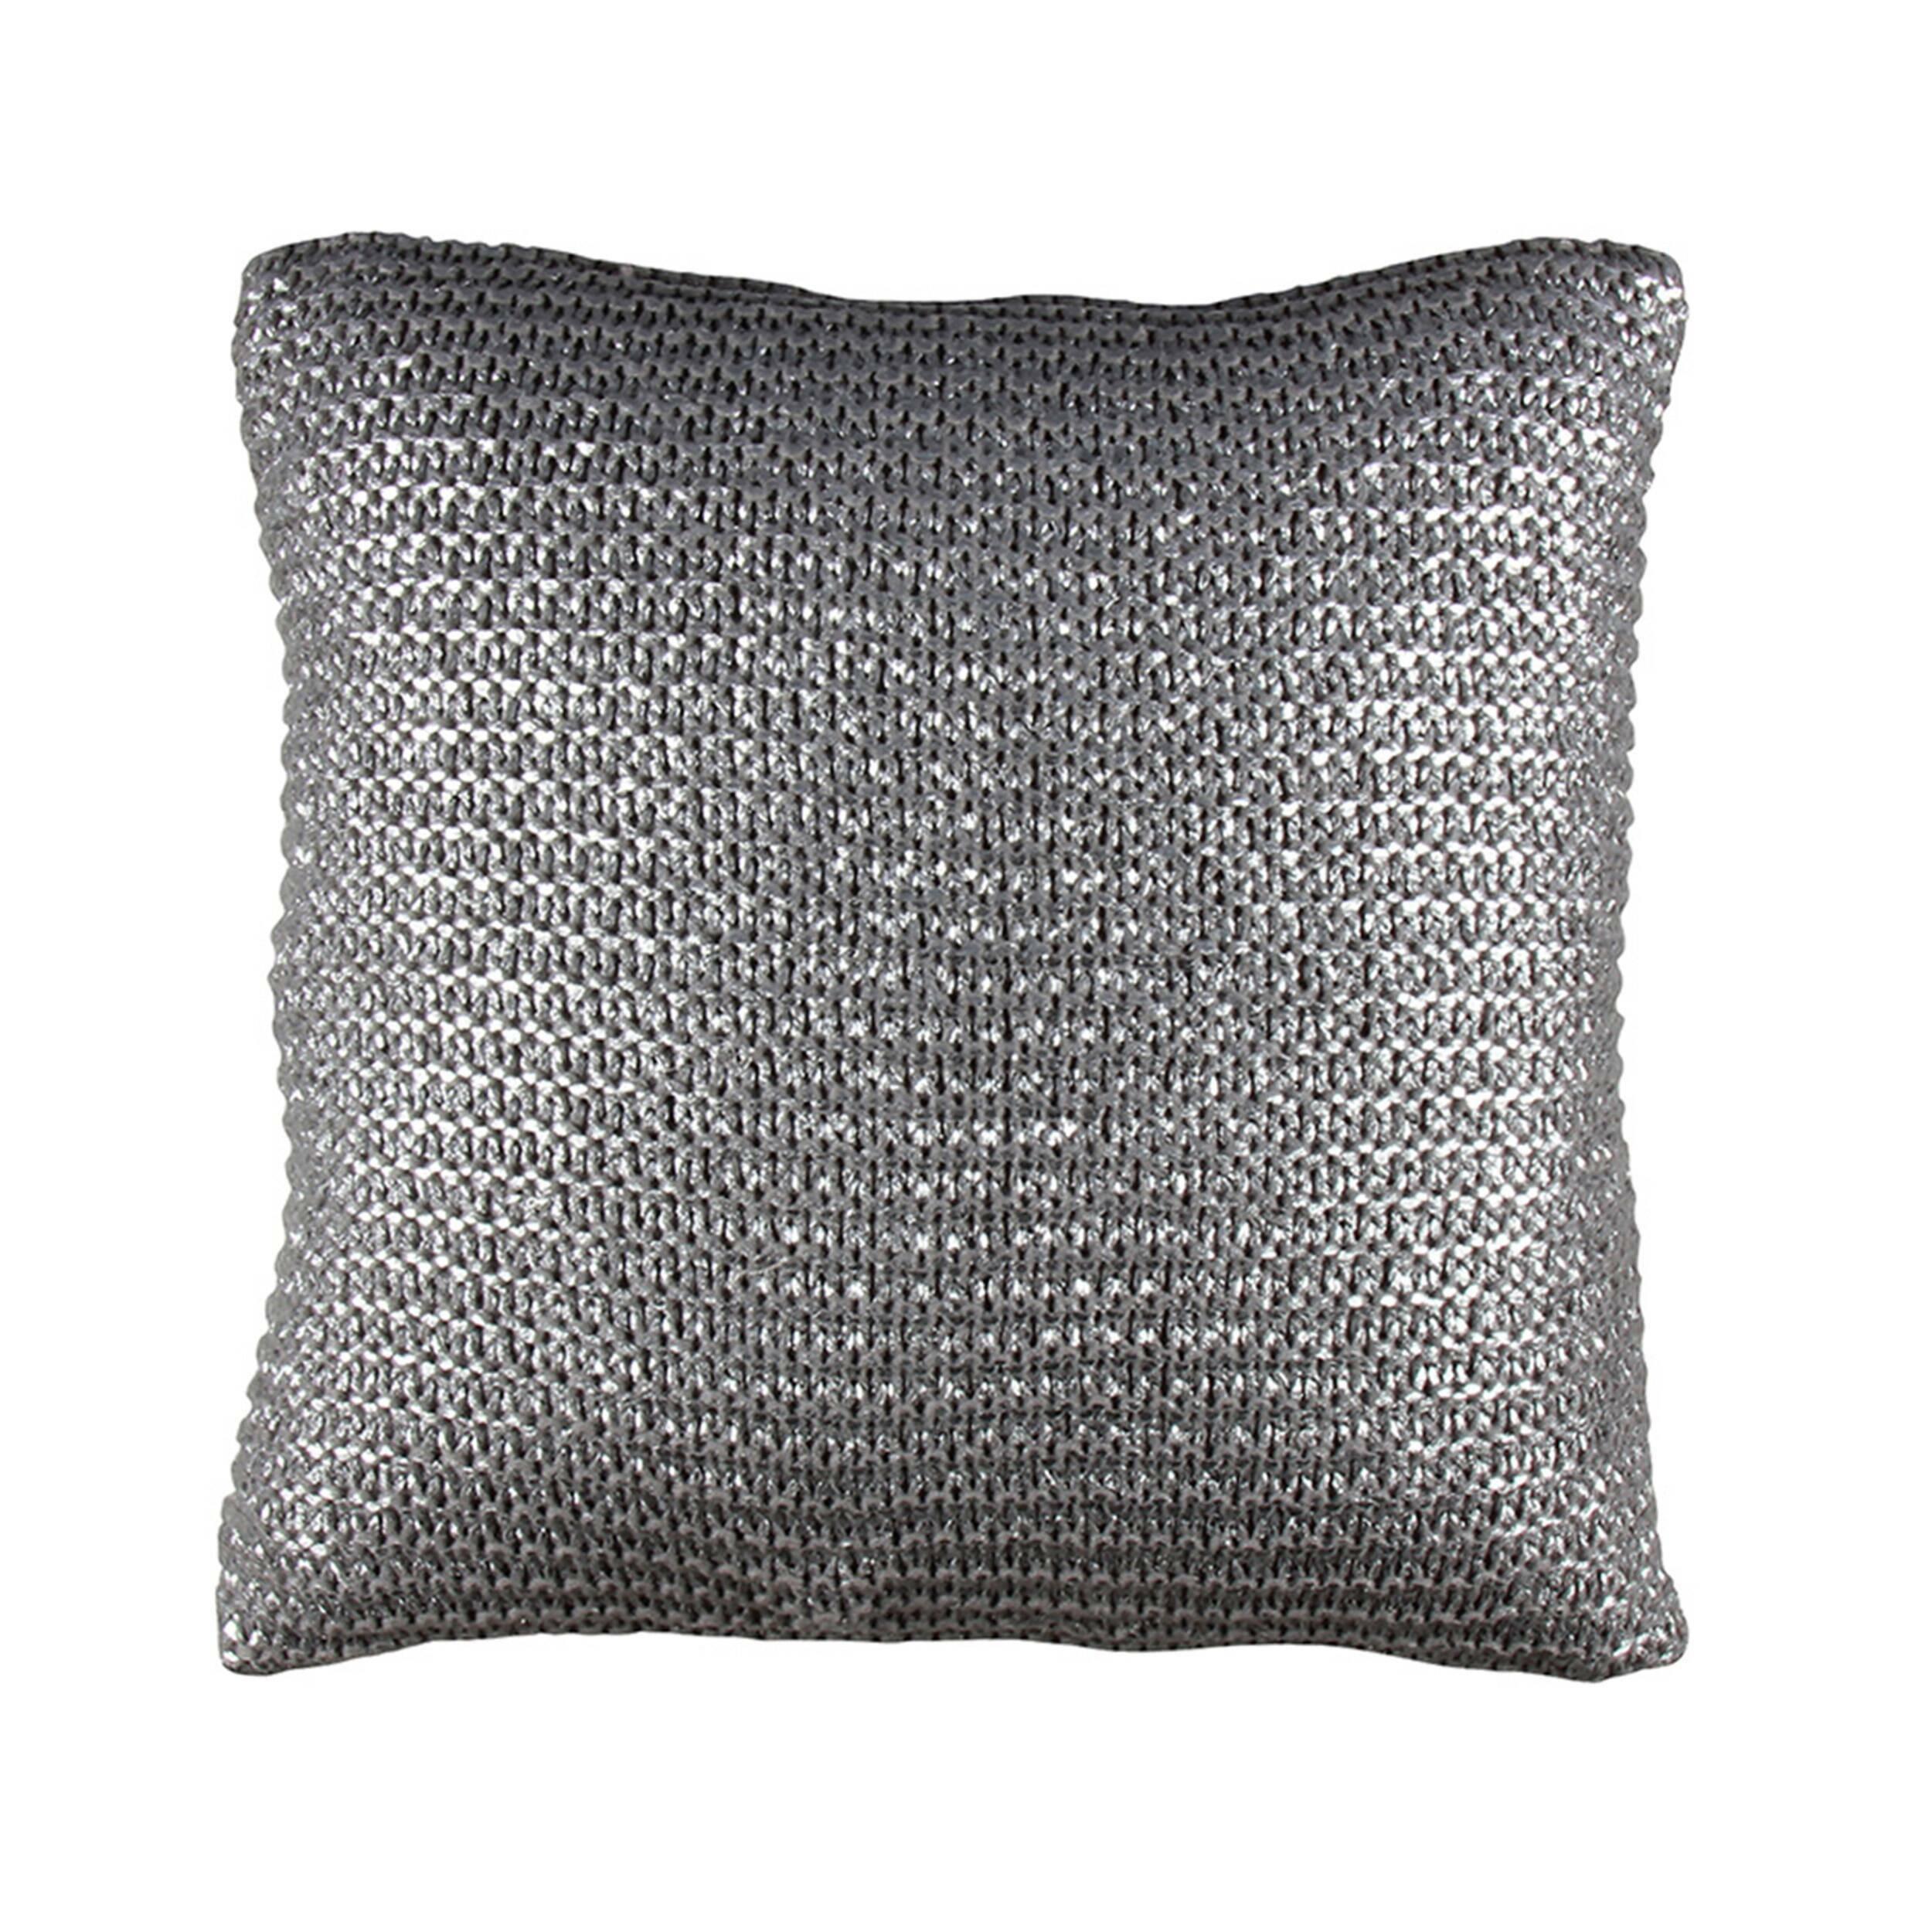 Купить Декоративная подушка ARMOUR (01024807472), Cosmo, серебро, акрил, хлопок, перо